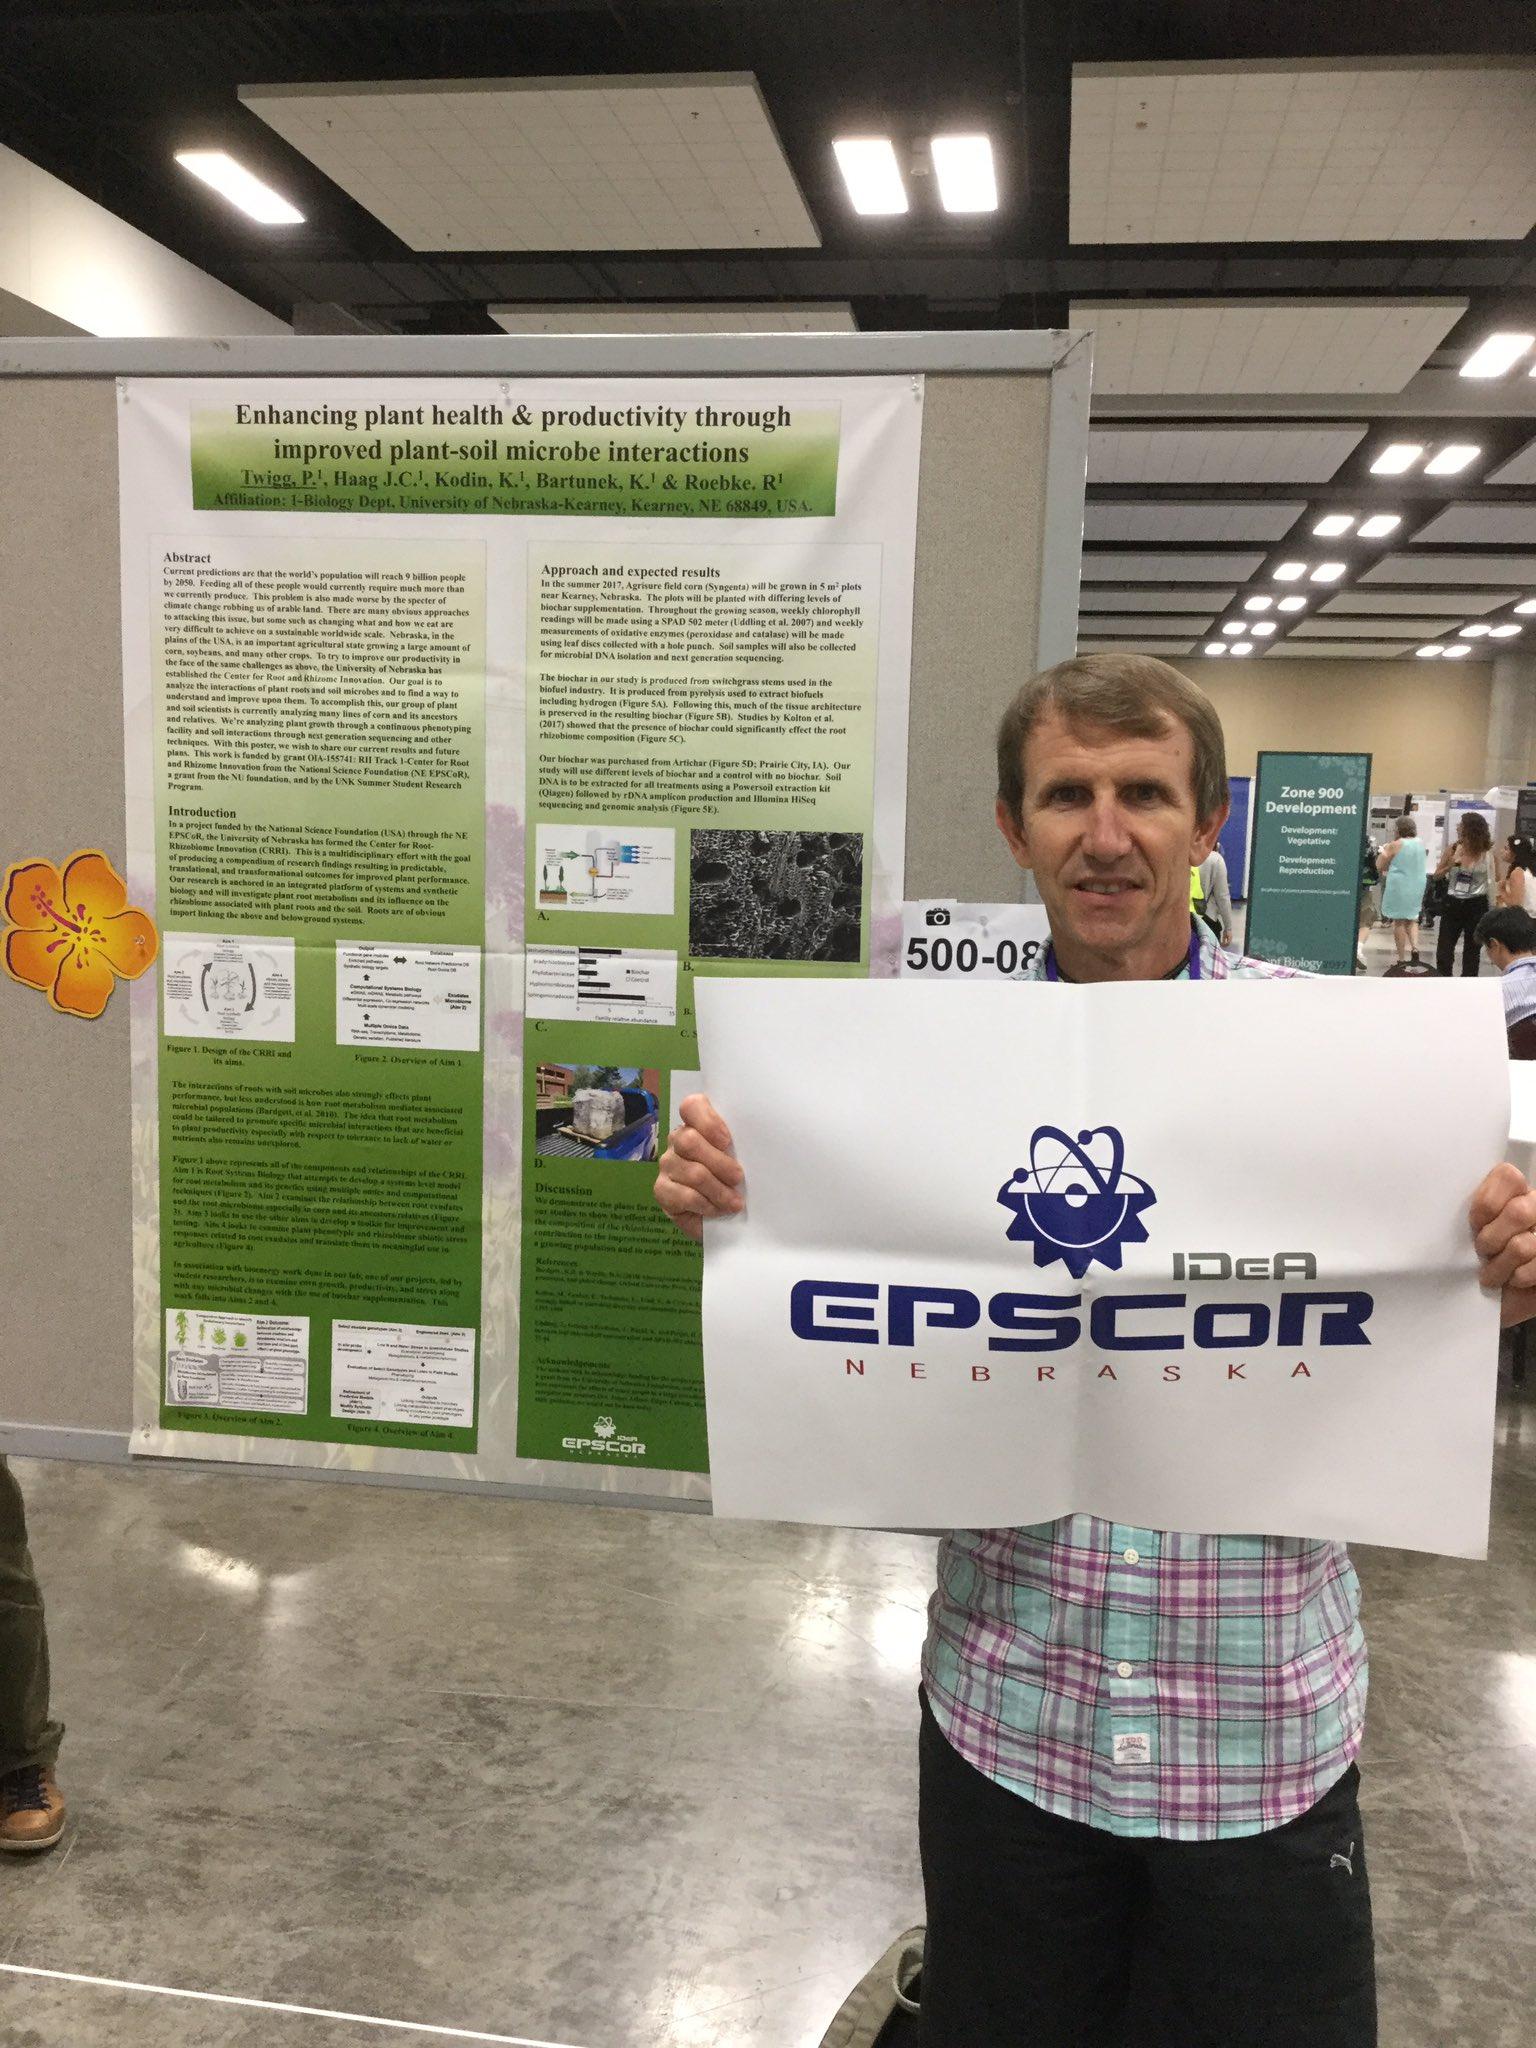 Repping @NebraskaEPSCoR @UNKearney @NE_CRRI student-driven research @ASPB #plantbio17 poster session https://t.co/G0ghSE5eTi